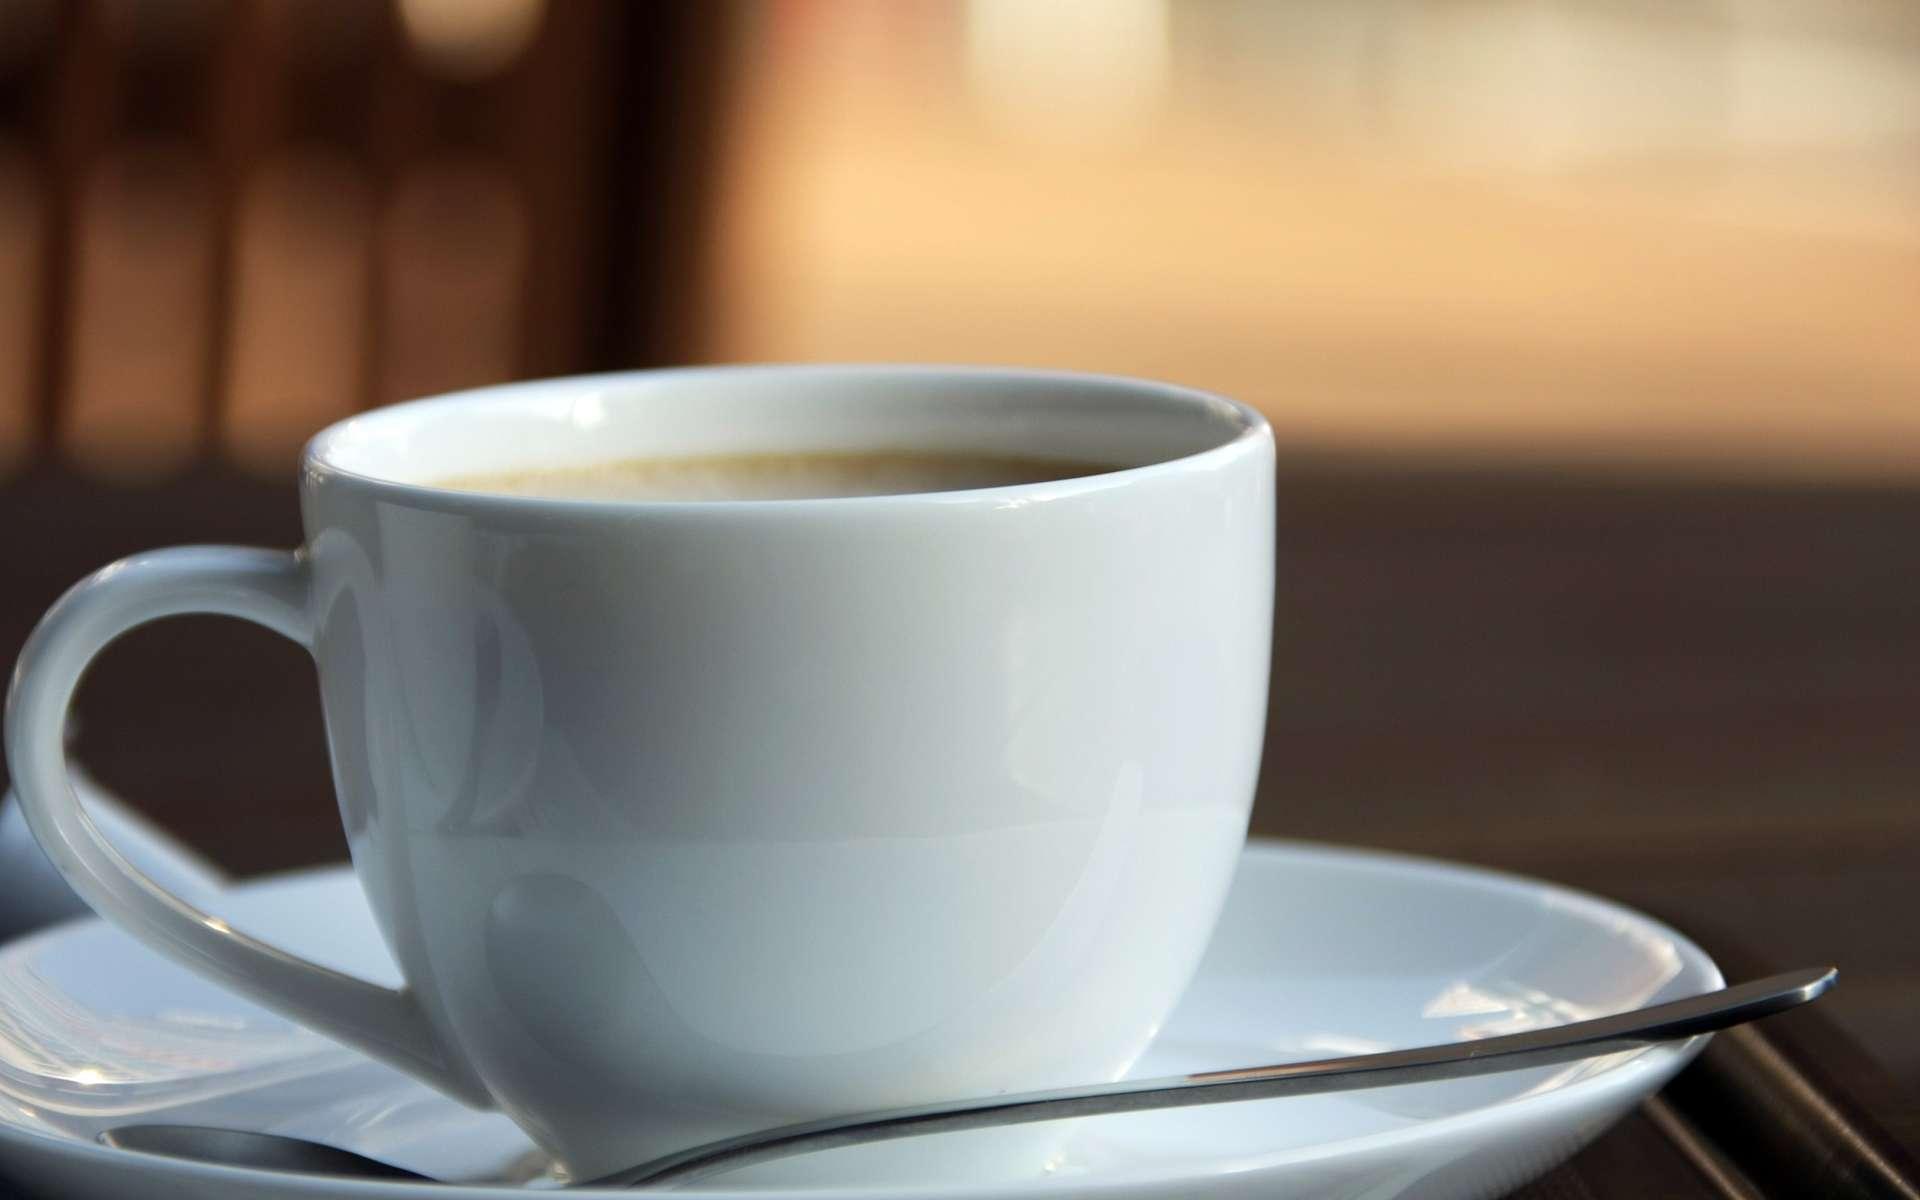 Le café préviendrait certaines maladies et permettrait ainsi de vivre plus longtemps. © Toshihiro Oimatsu, Flickr, CC by 2.0